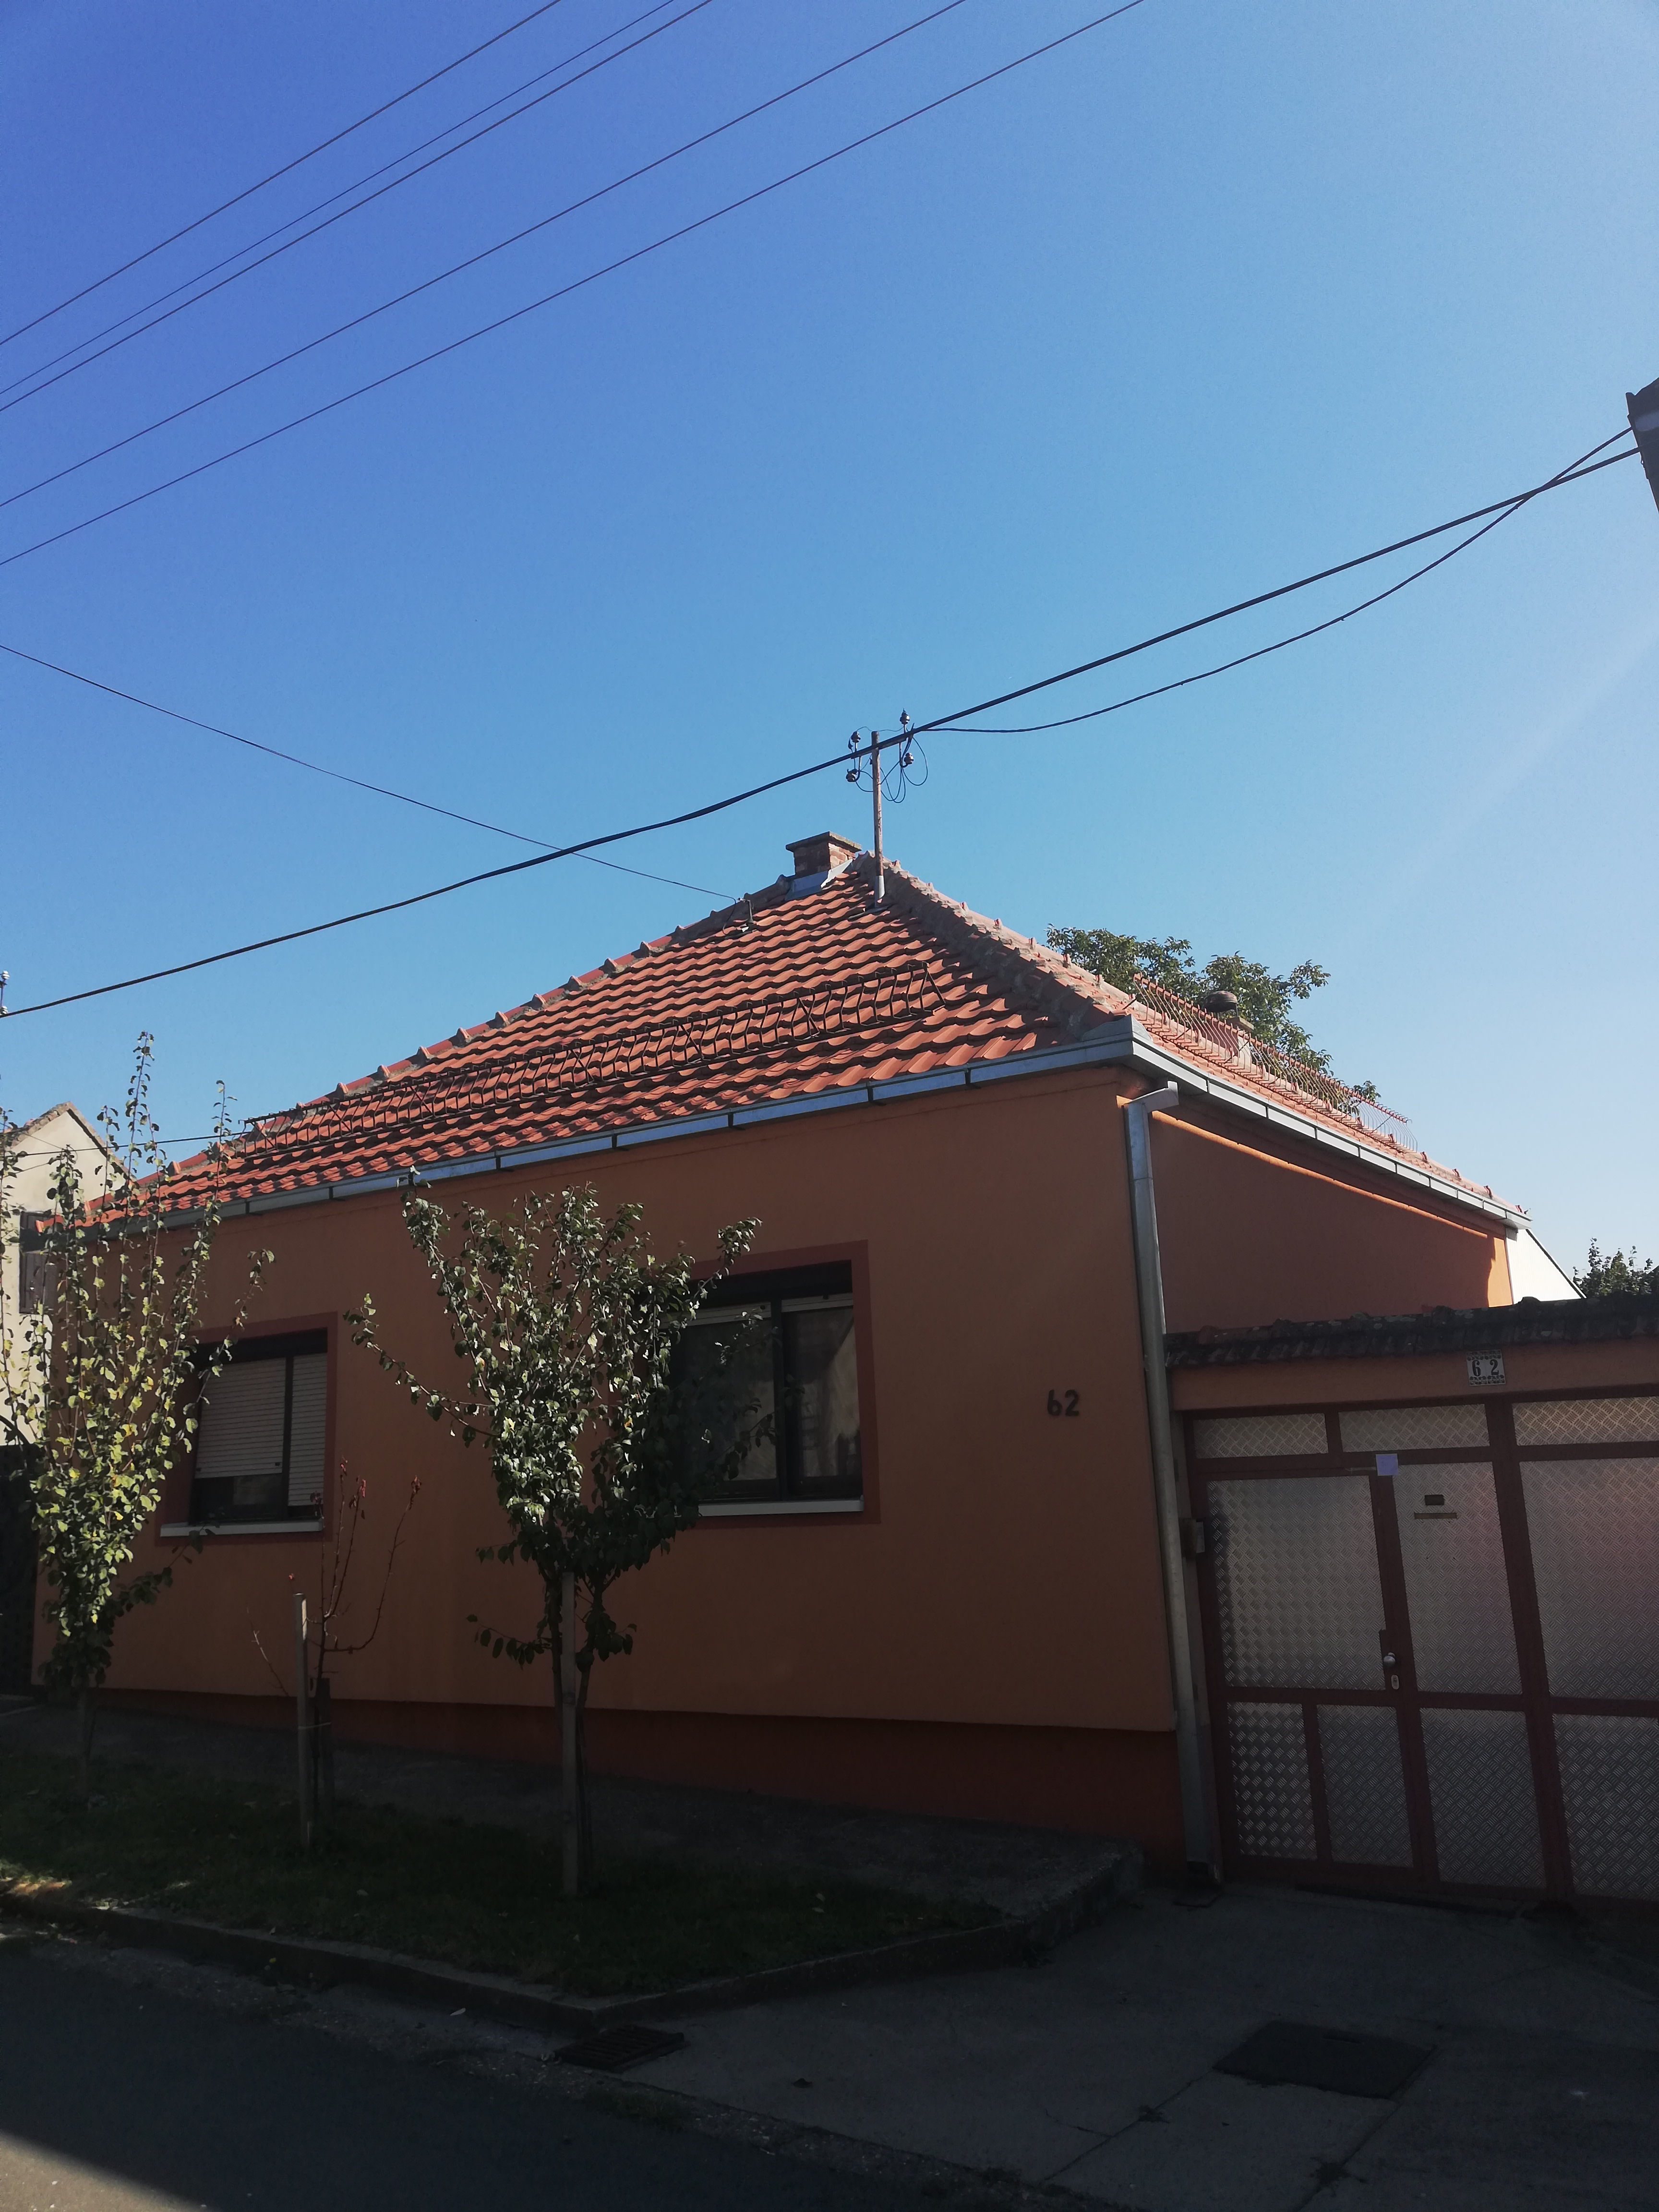 Prizemna exstra sređena kuća 120 m2, Inđija